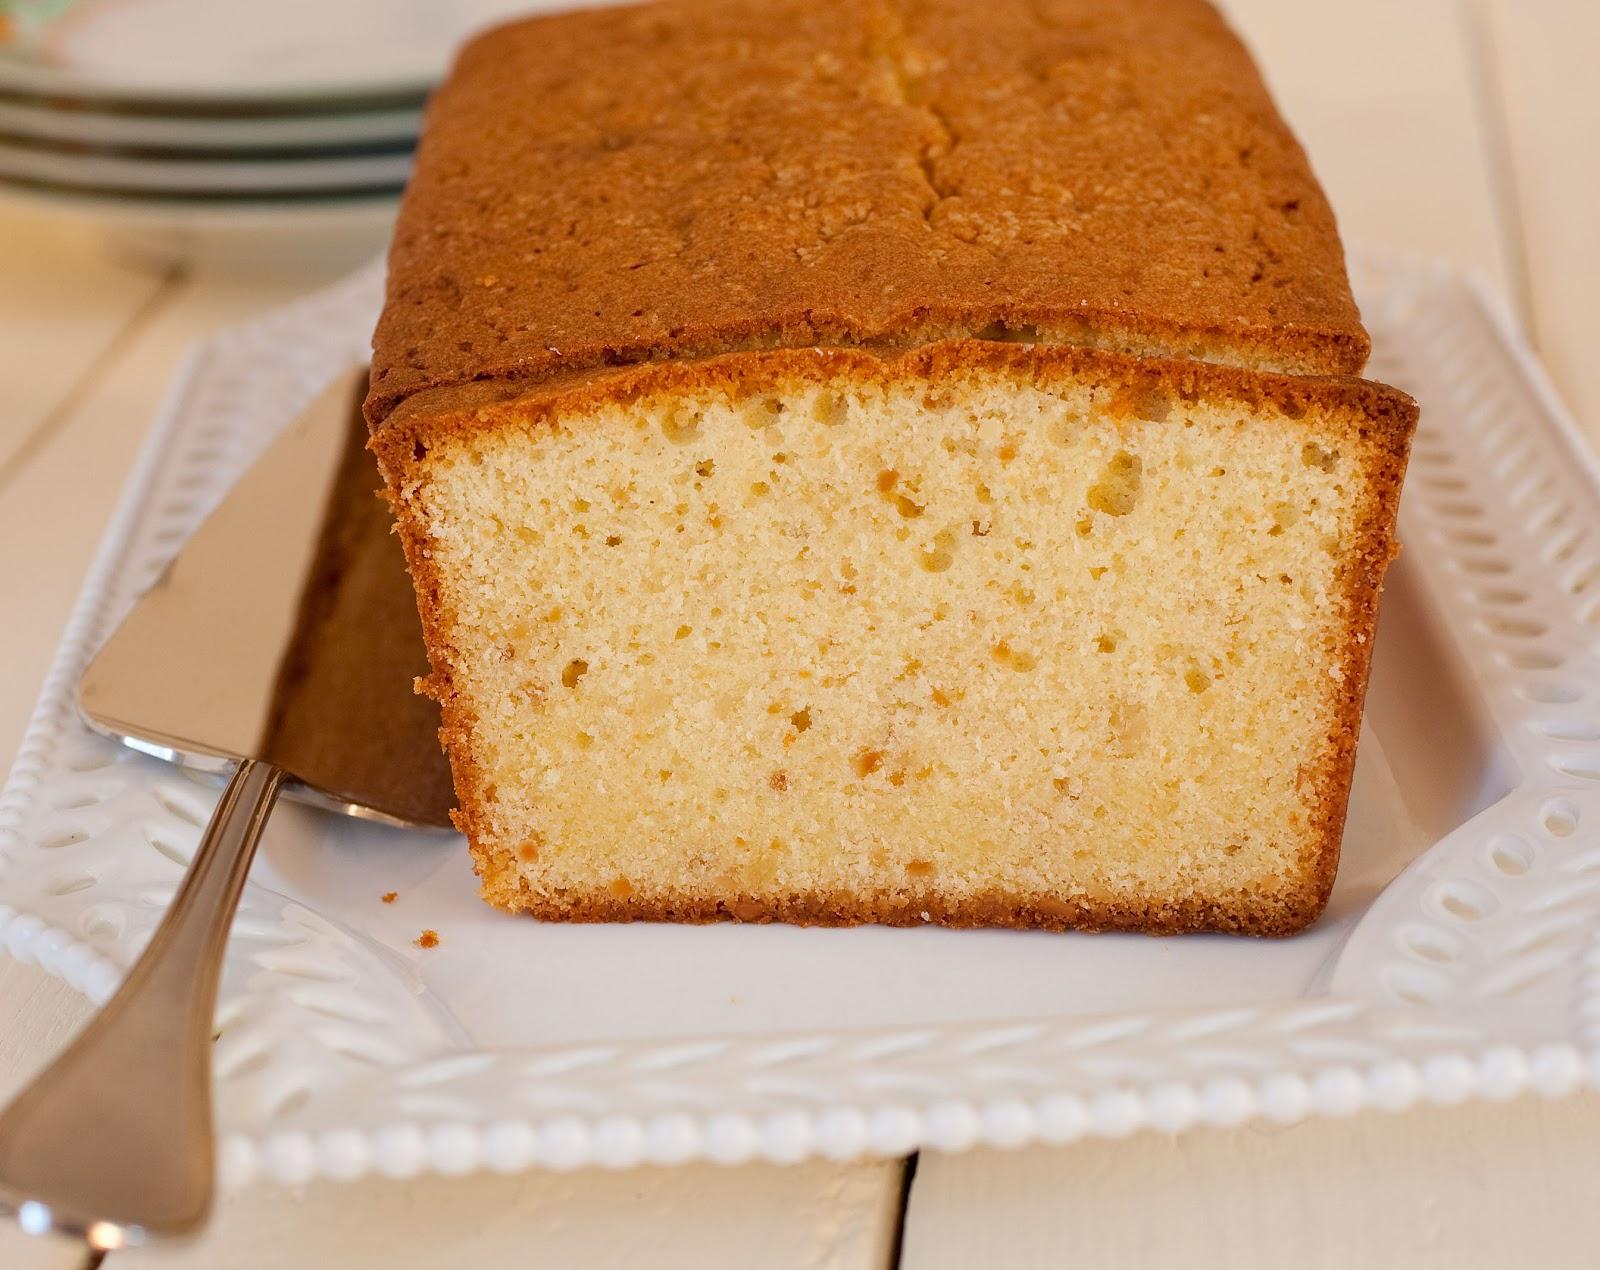 Tish Boyle Sweet Dreams: Toasted Almond Pound Cake